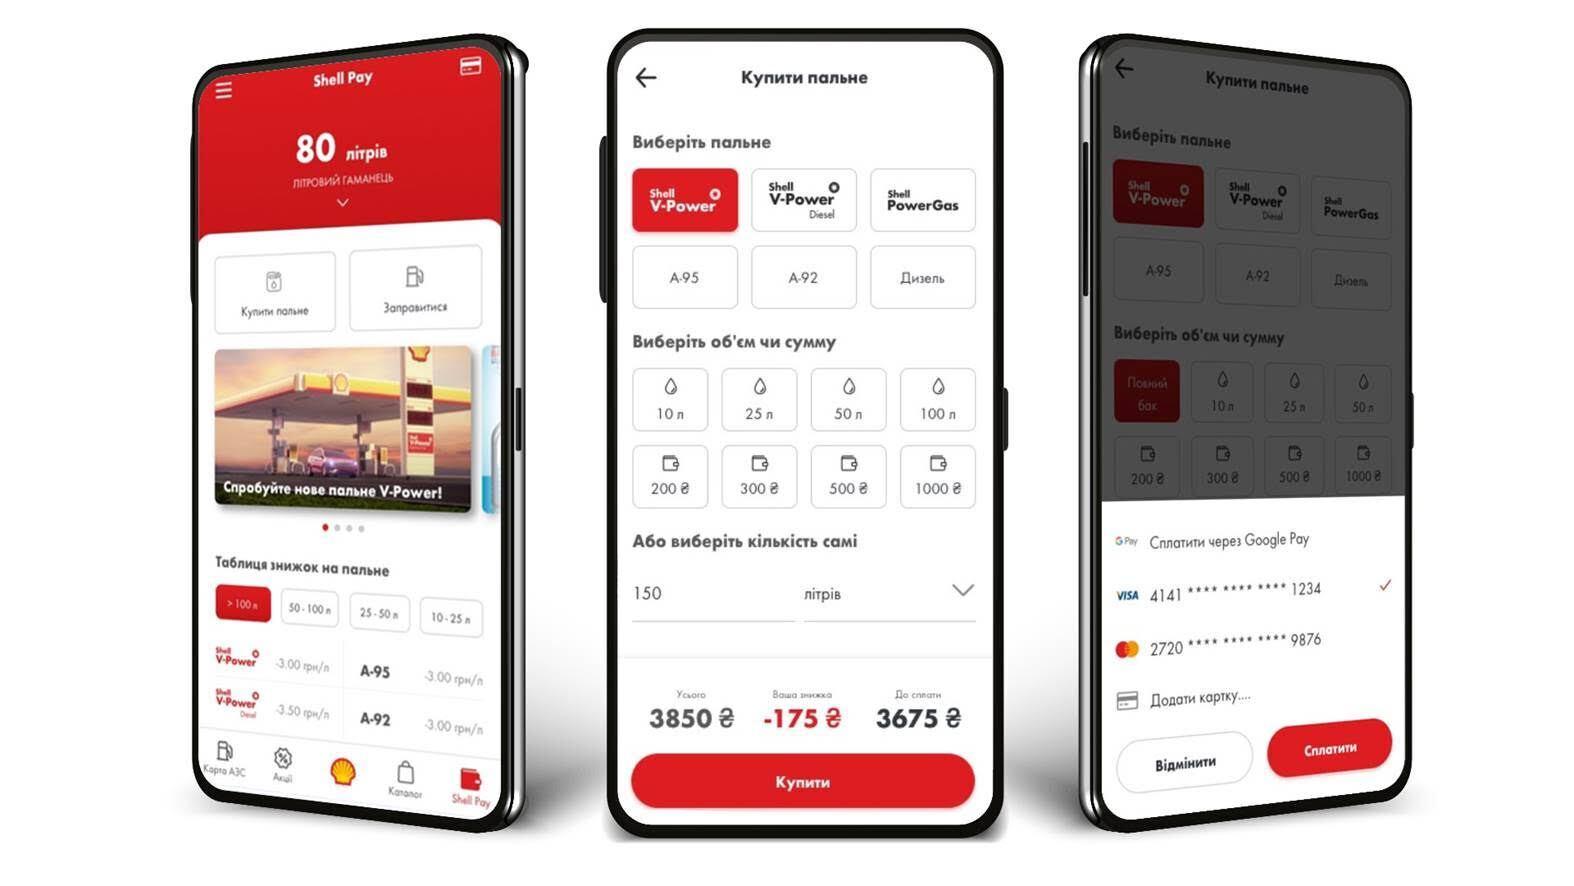 Оптимальним варіантом для контролю і використання бонусів є мобільний додаток